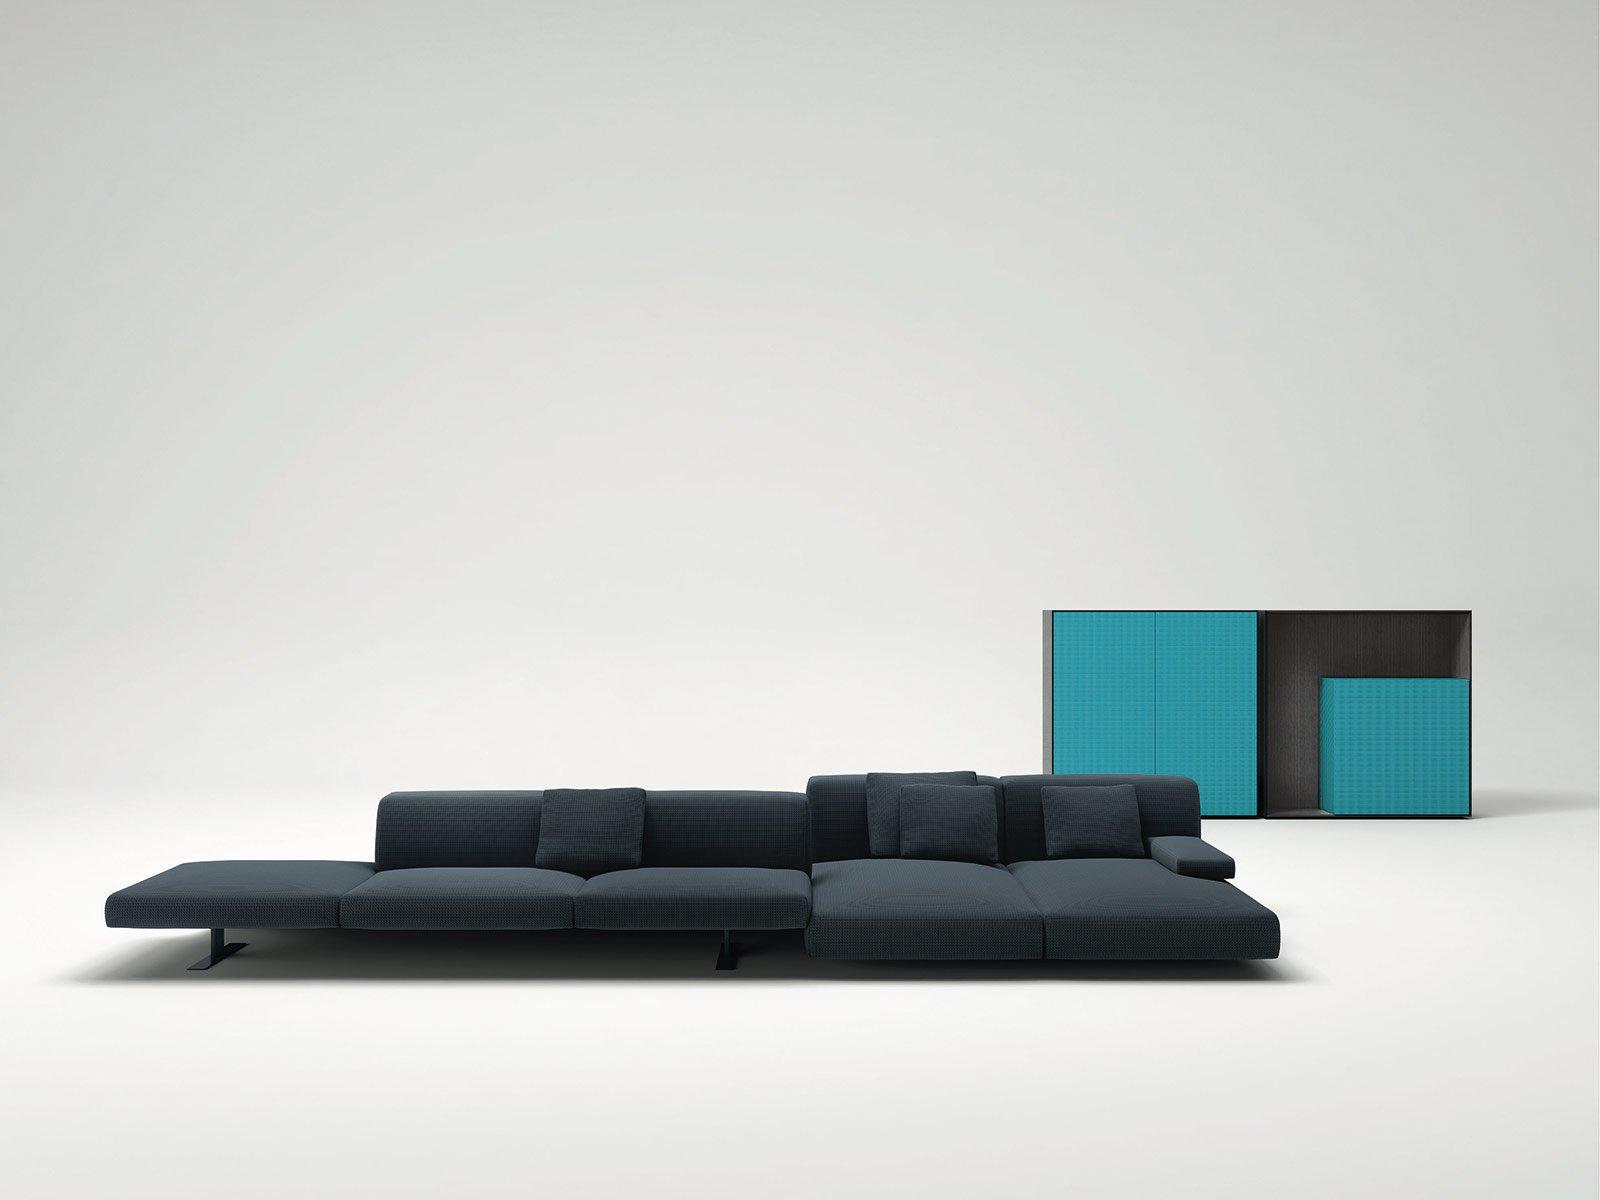 Divani con penisola e ad angolo al salone del mobile cose di casa - Profondita divano ...